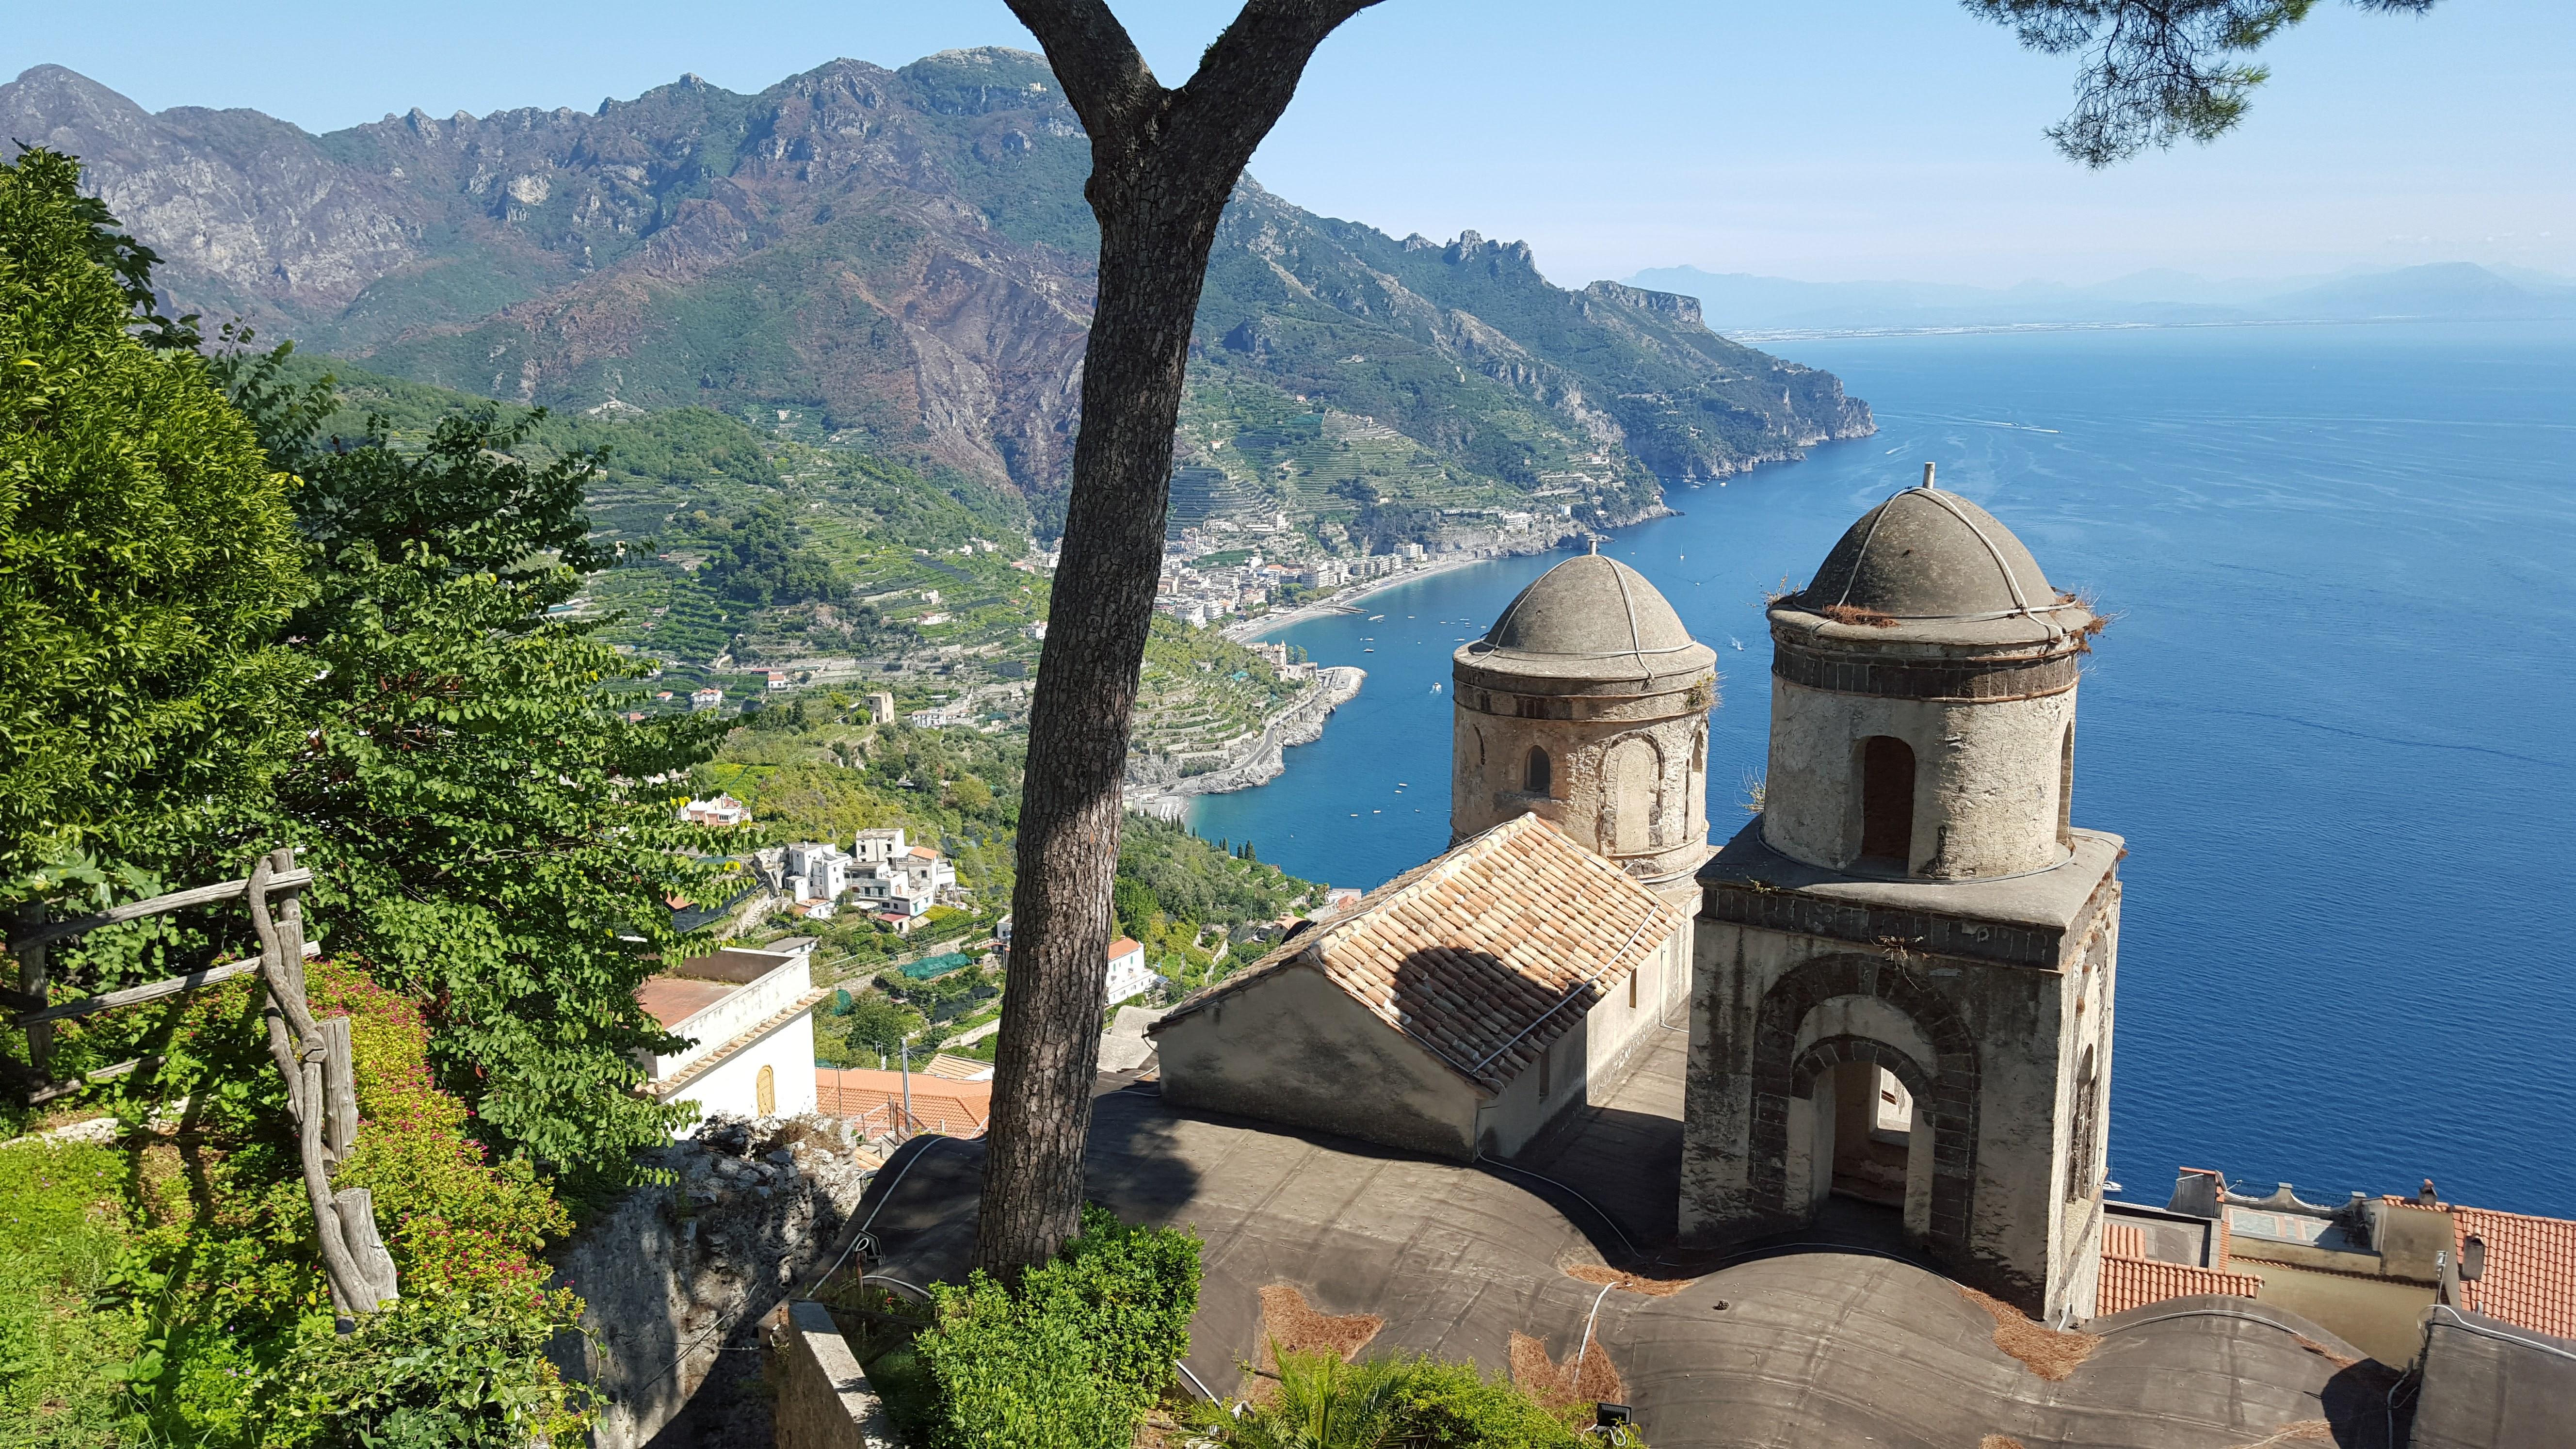 Italy photos by John 436